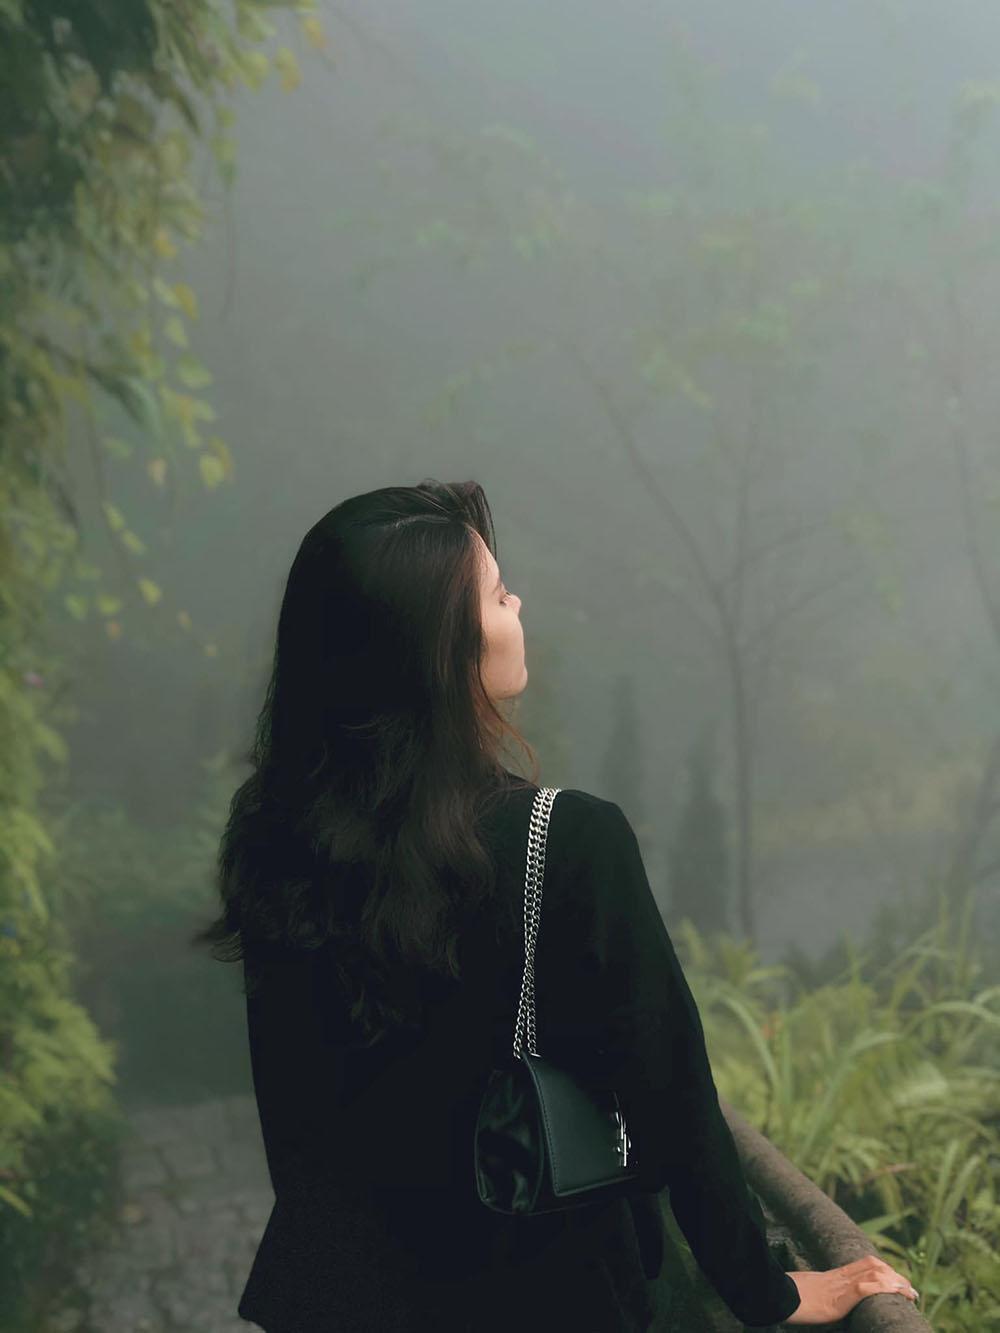 Vua Hoa Le Jardin Damor Review Hue Da Nang Hoi An Ninh Binh 7n7d Chi Voi 8 Trieu Tin Duoc Khong 04